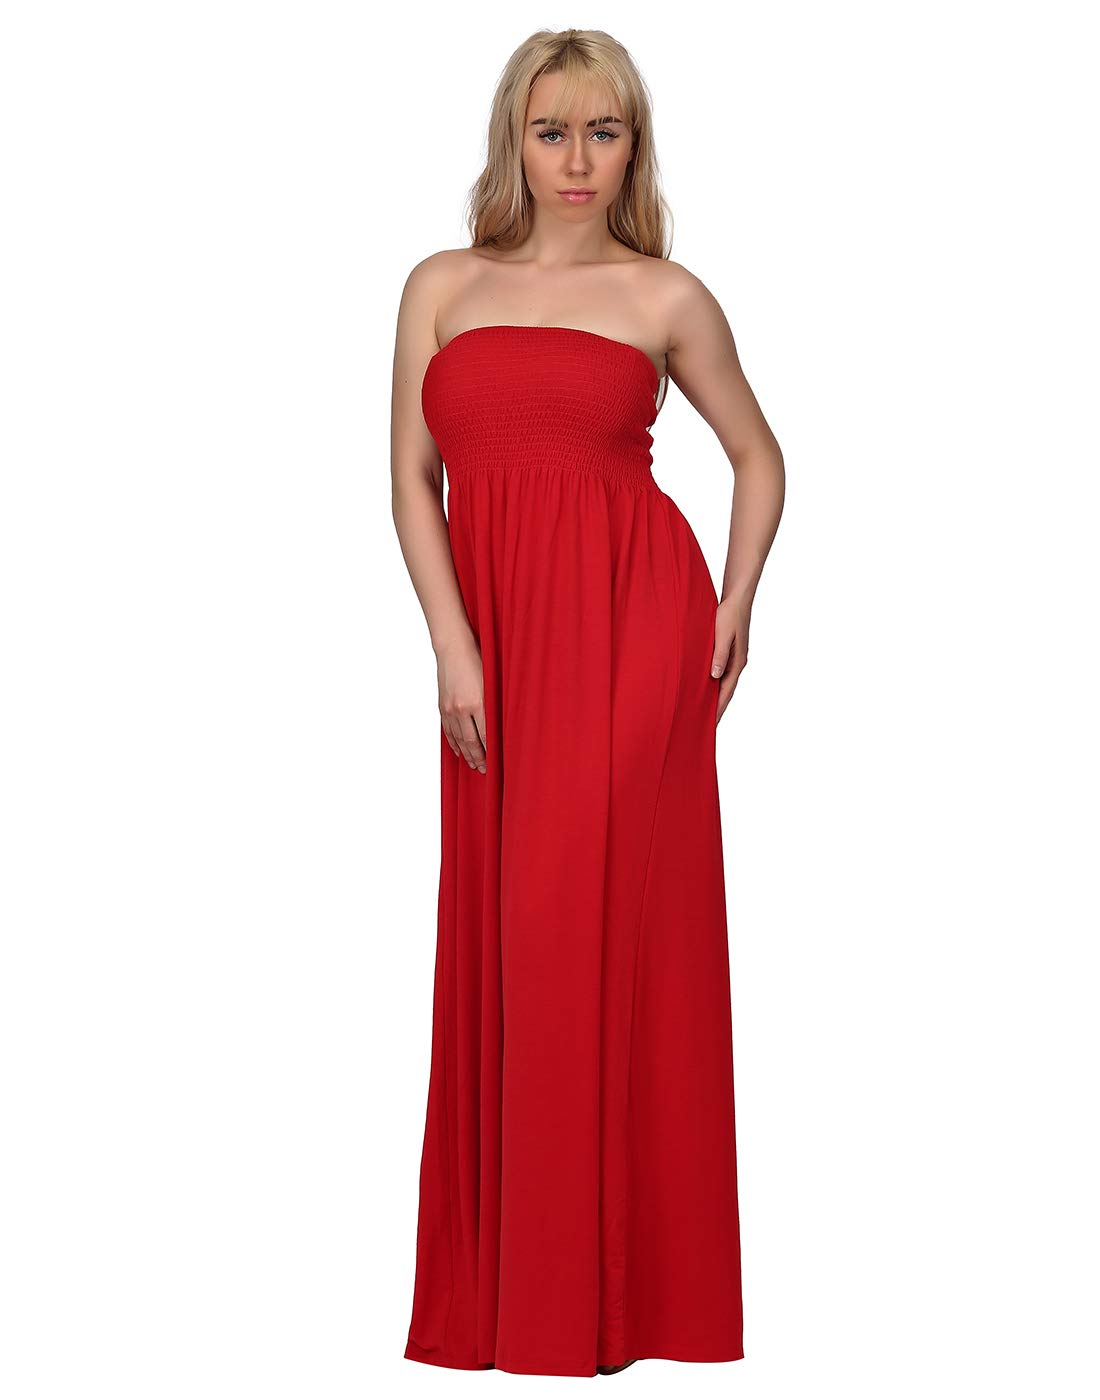 HDE Women's Strapless Maxi Dress Plus Size Tube Top Long Skirt Sundress Cover Up